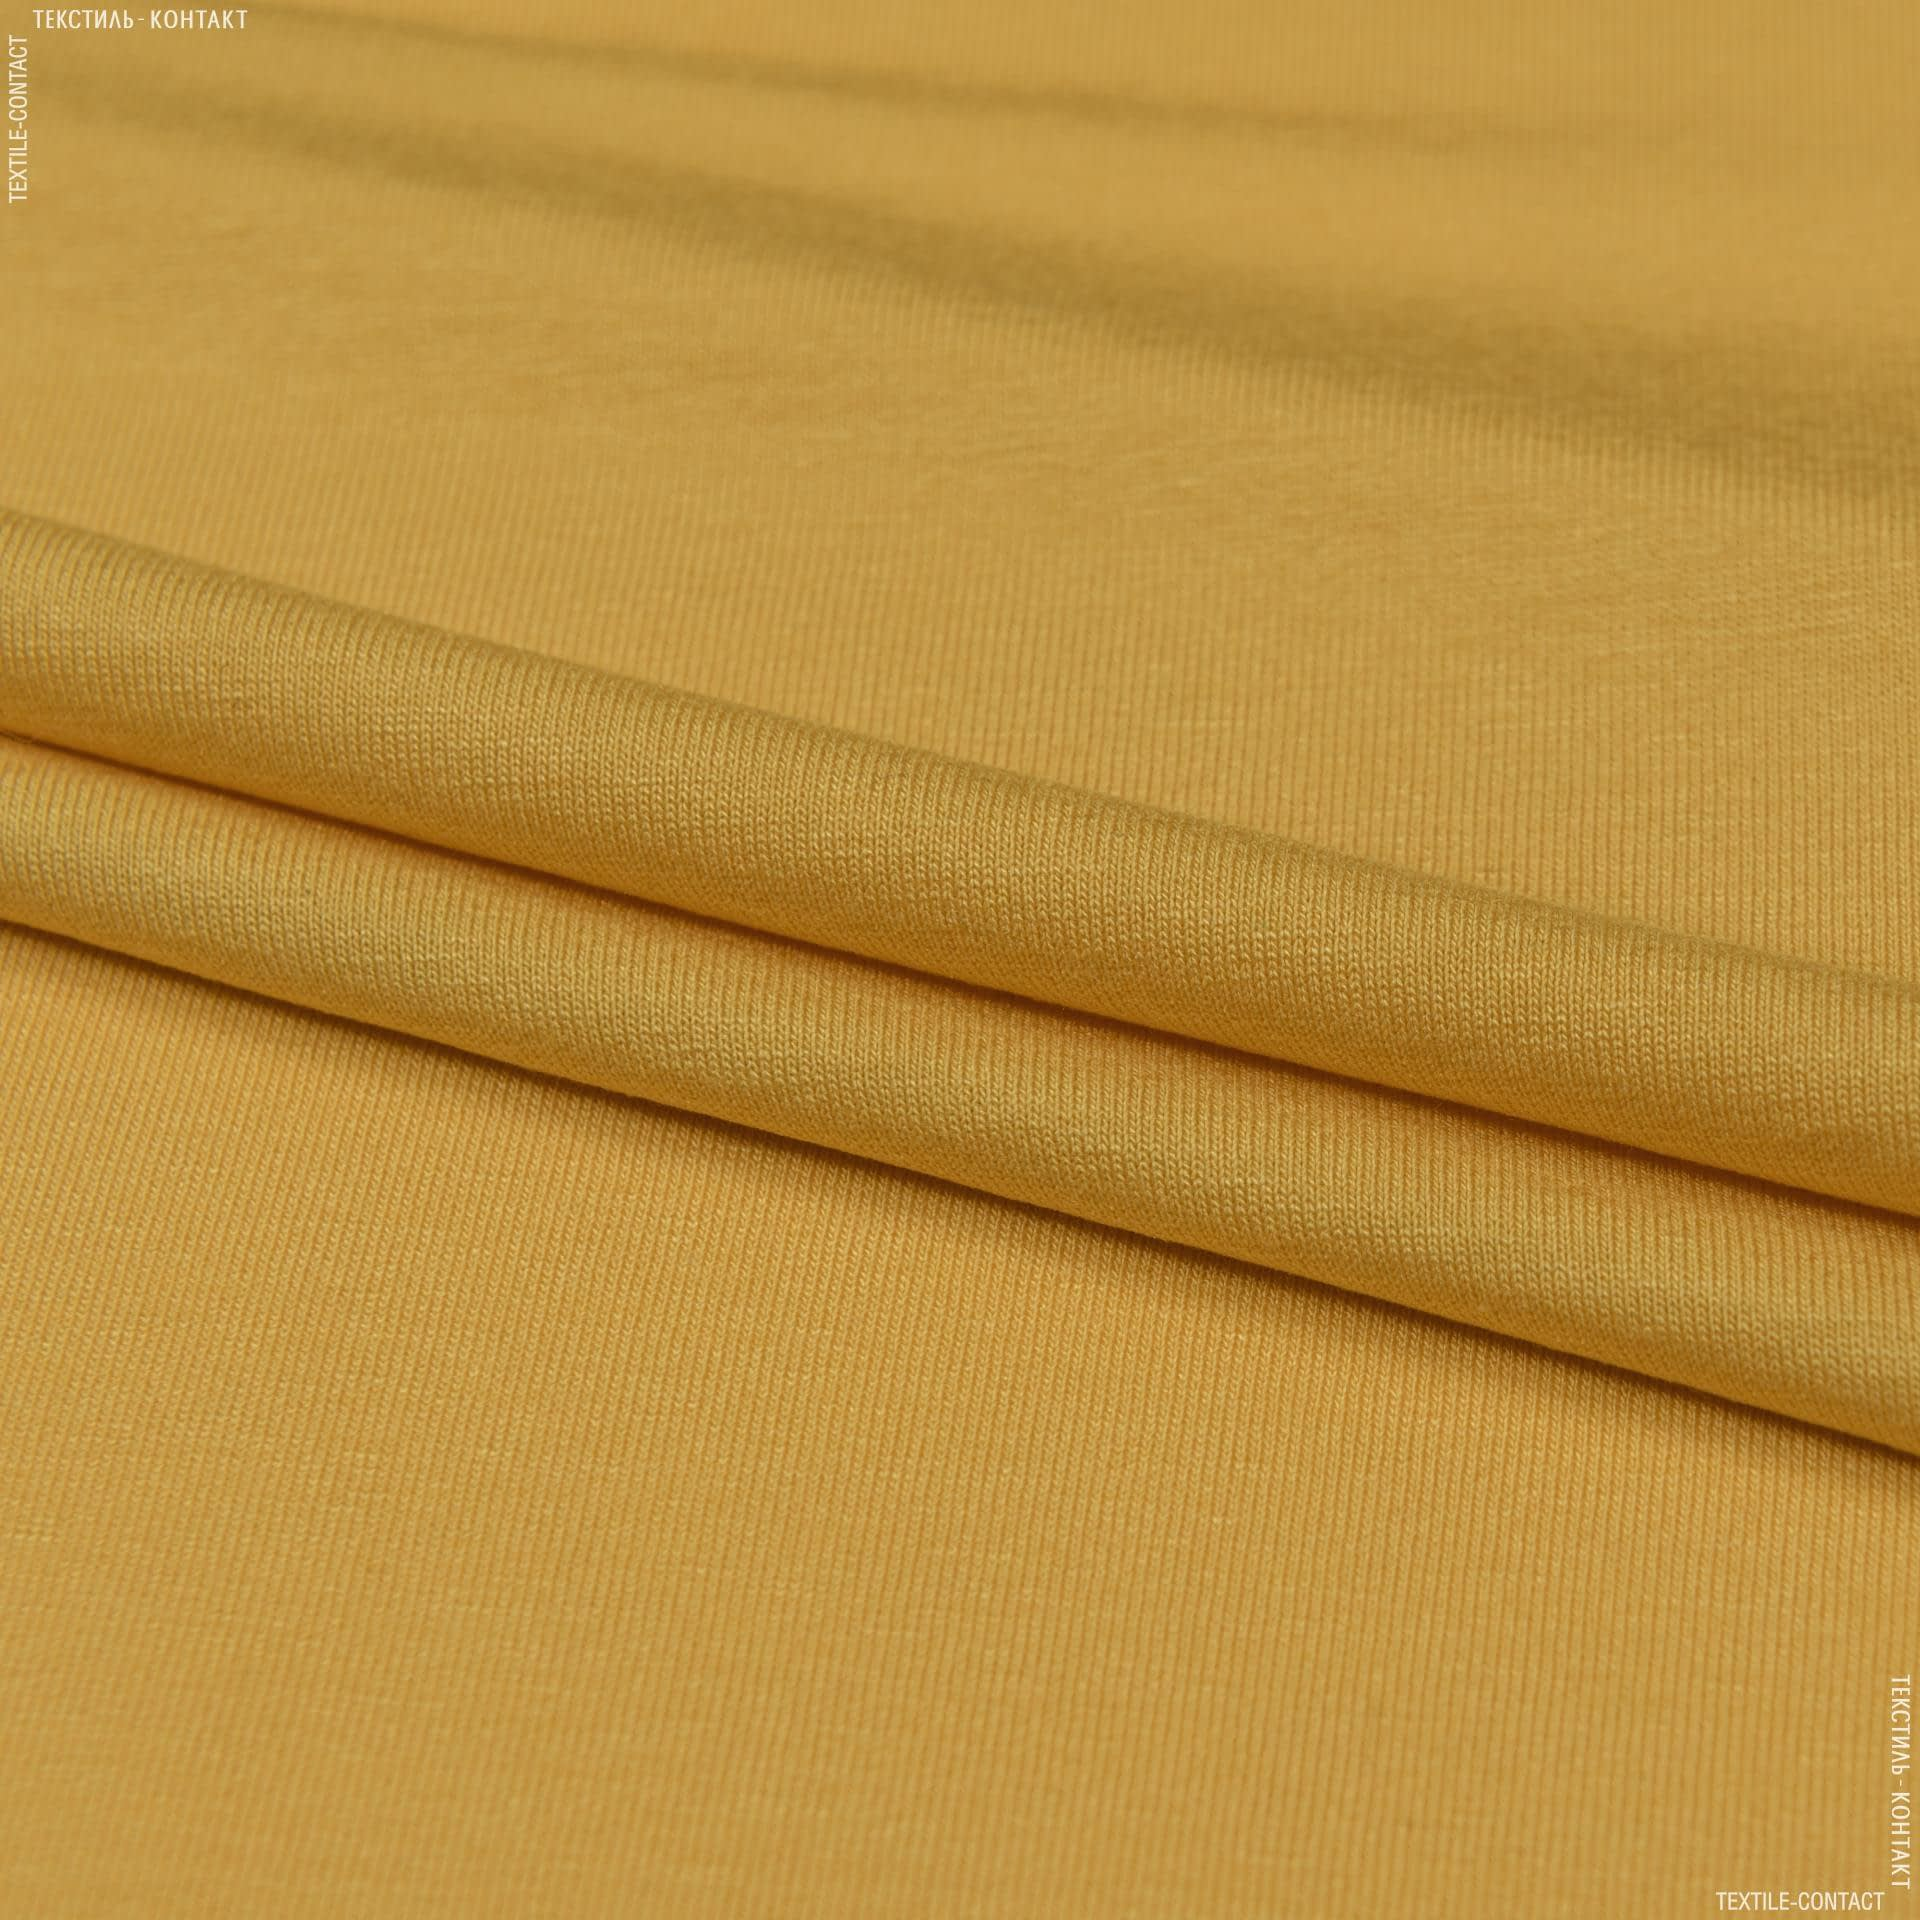 Тканини для спортивного одягу - Куклір-стрейч жовтий